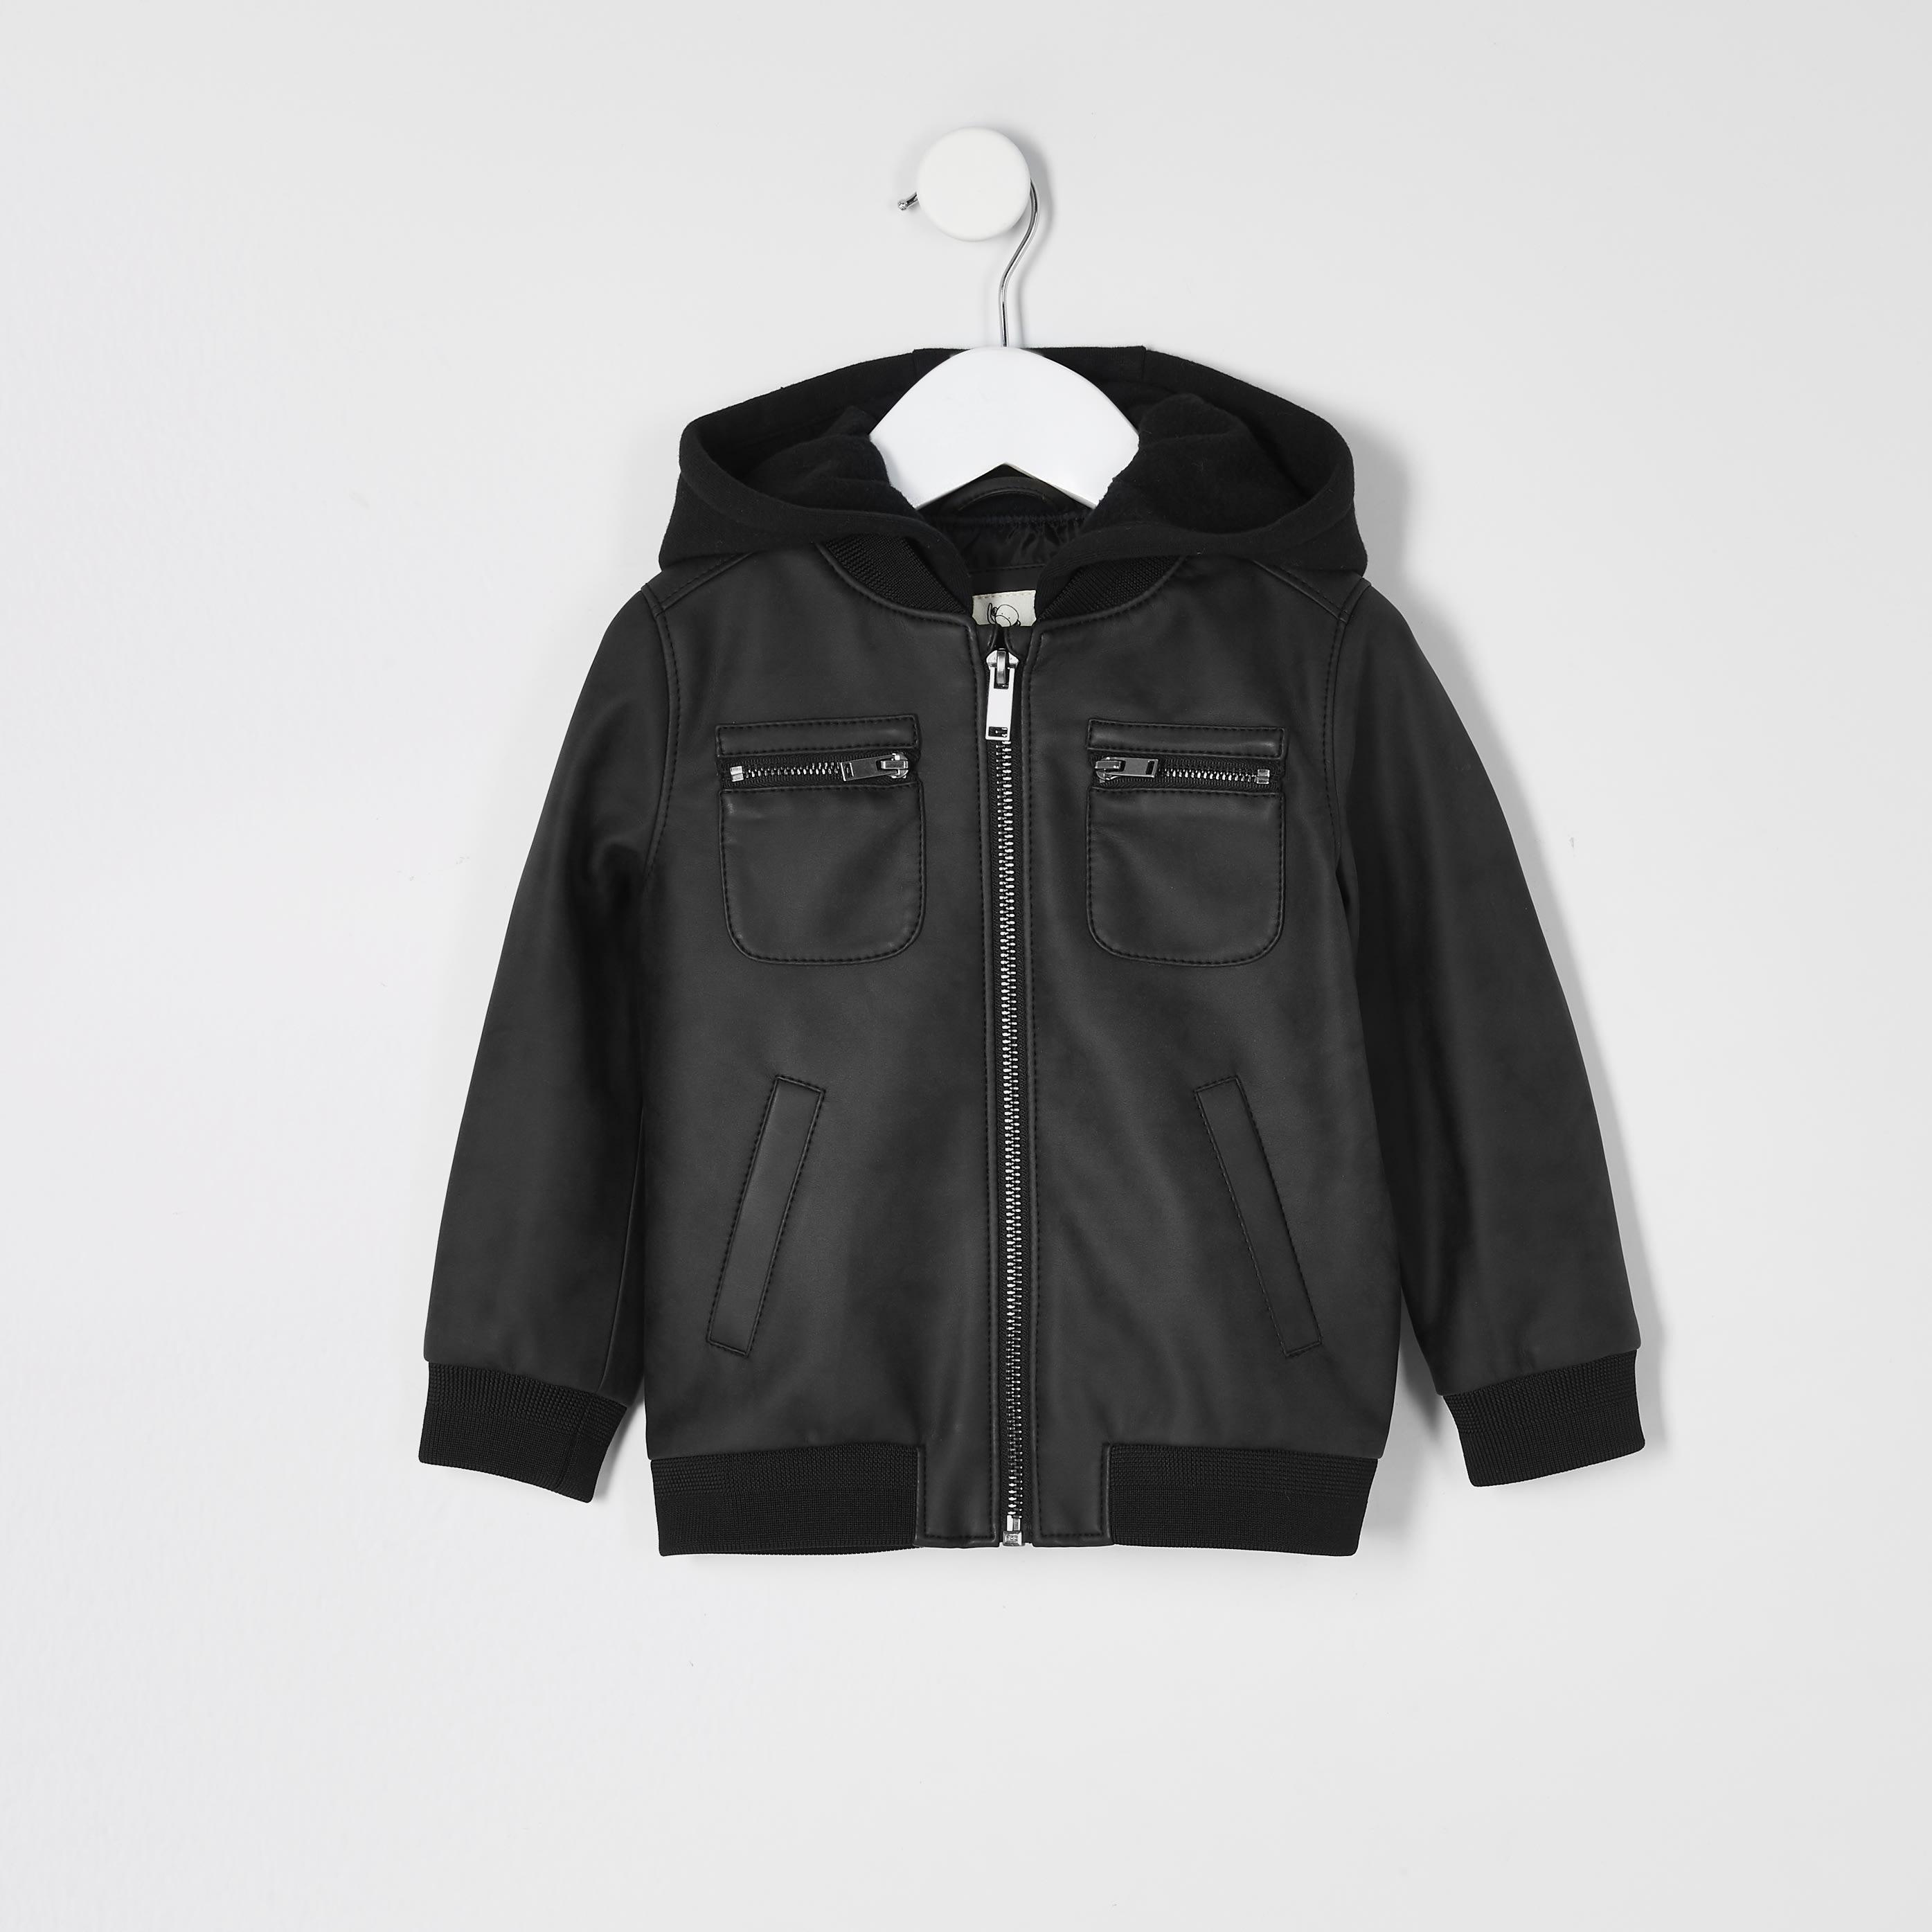 river island Baby Boys dark Grey faux leather hood jacket (2-3 Yrs)